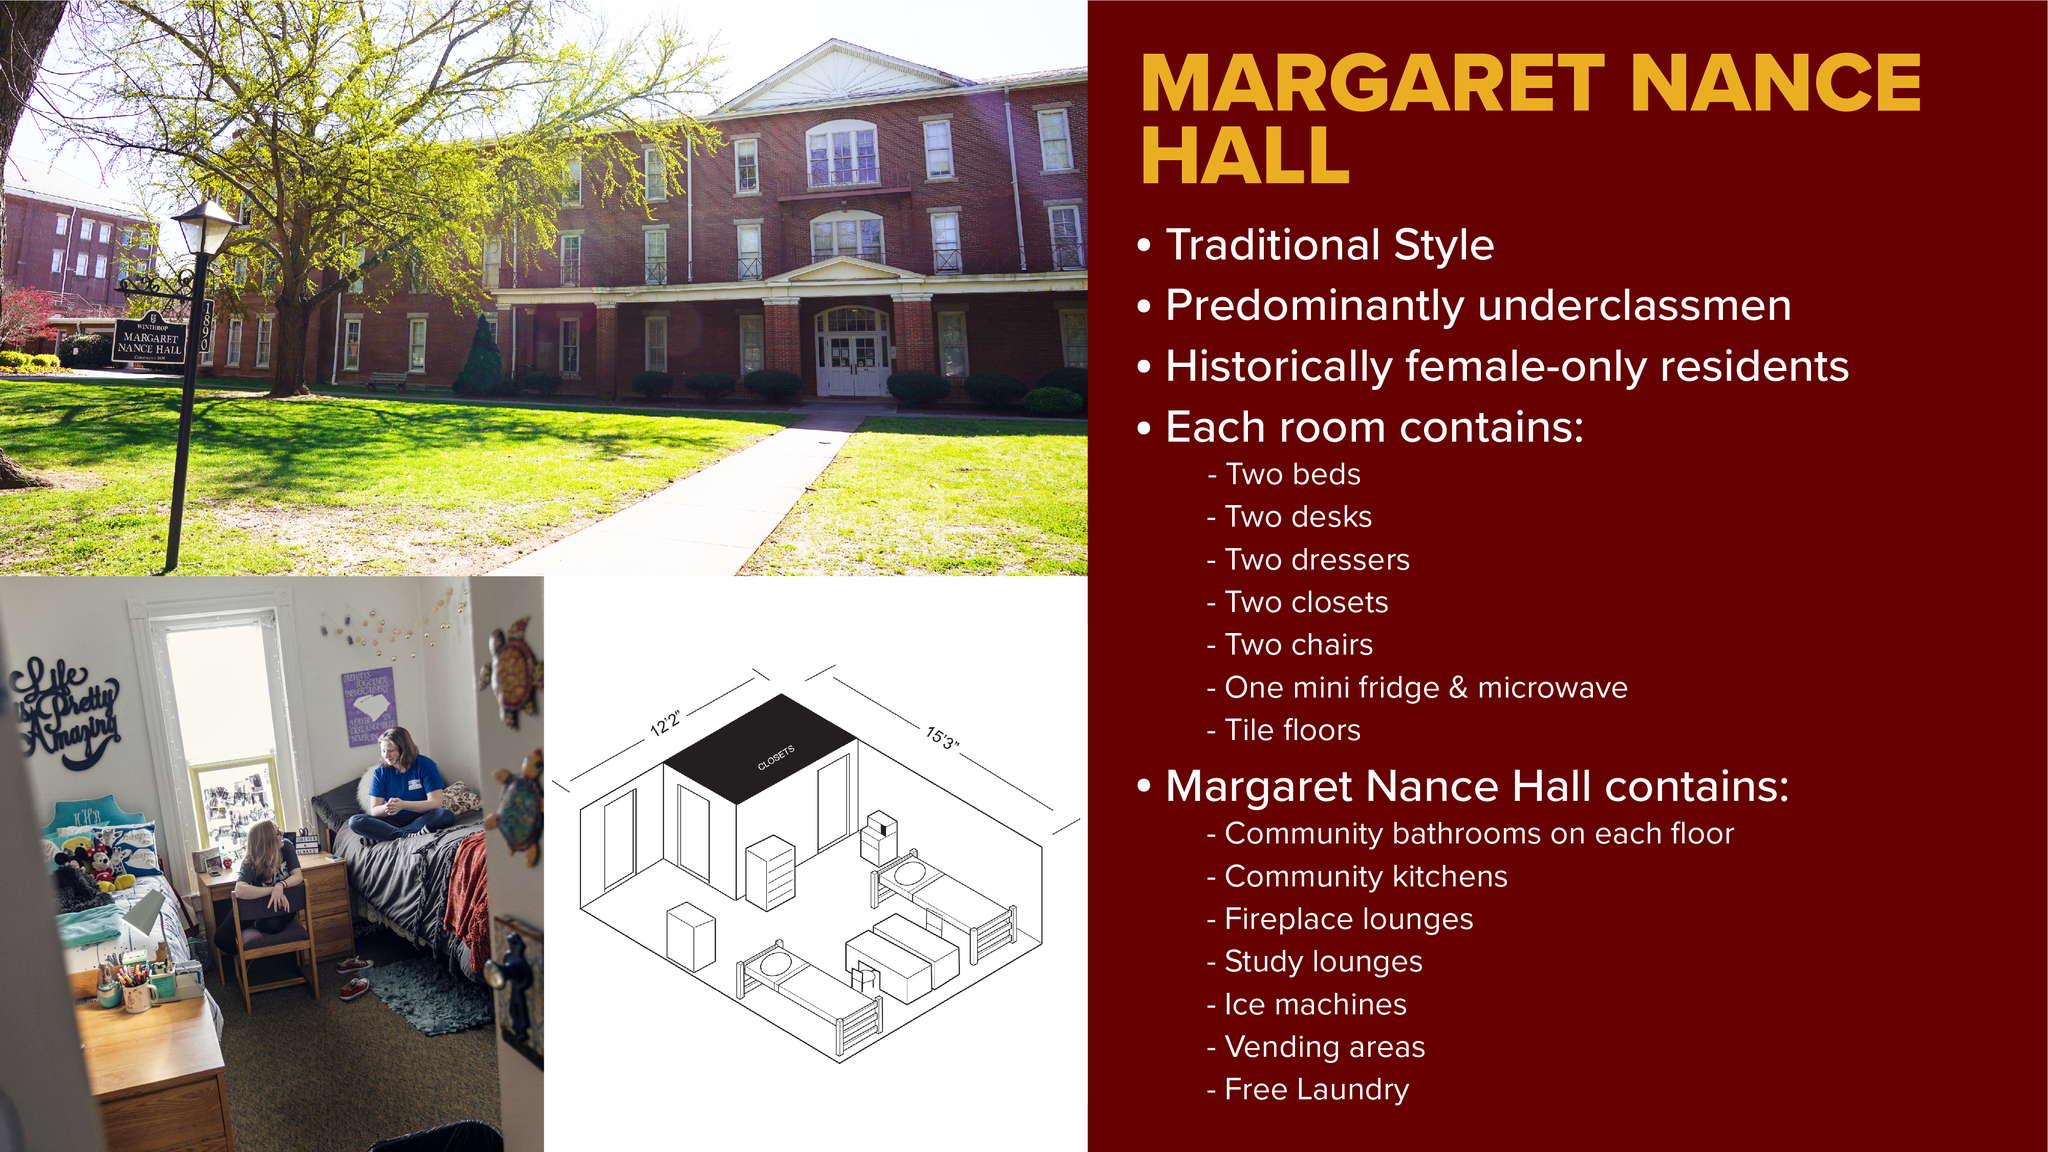 VWD_-_Residence_Hall_GFX_Margaret_Nance